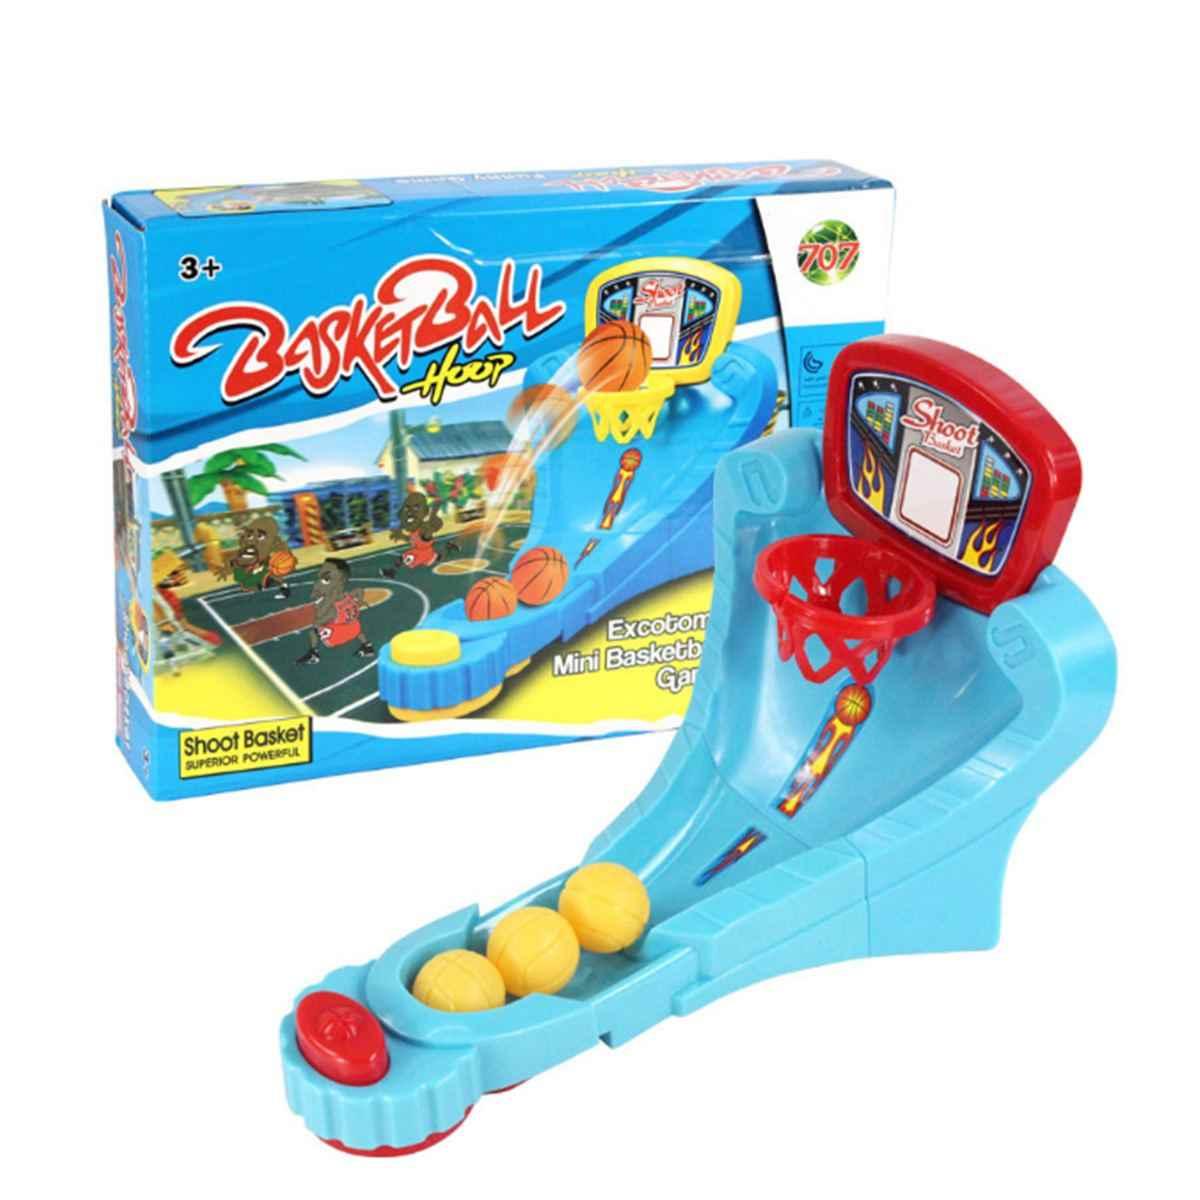 ミニ撮影リバウンドバスケットボールボードアーケード卓上ゲーム教育キッズおもちゃ屋外親子ファミリー楽しいテーブルゲームおもちゃ